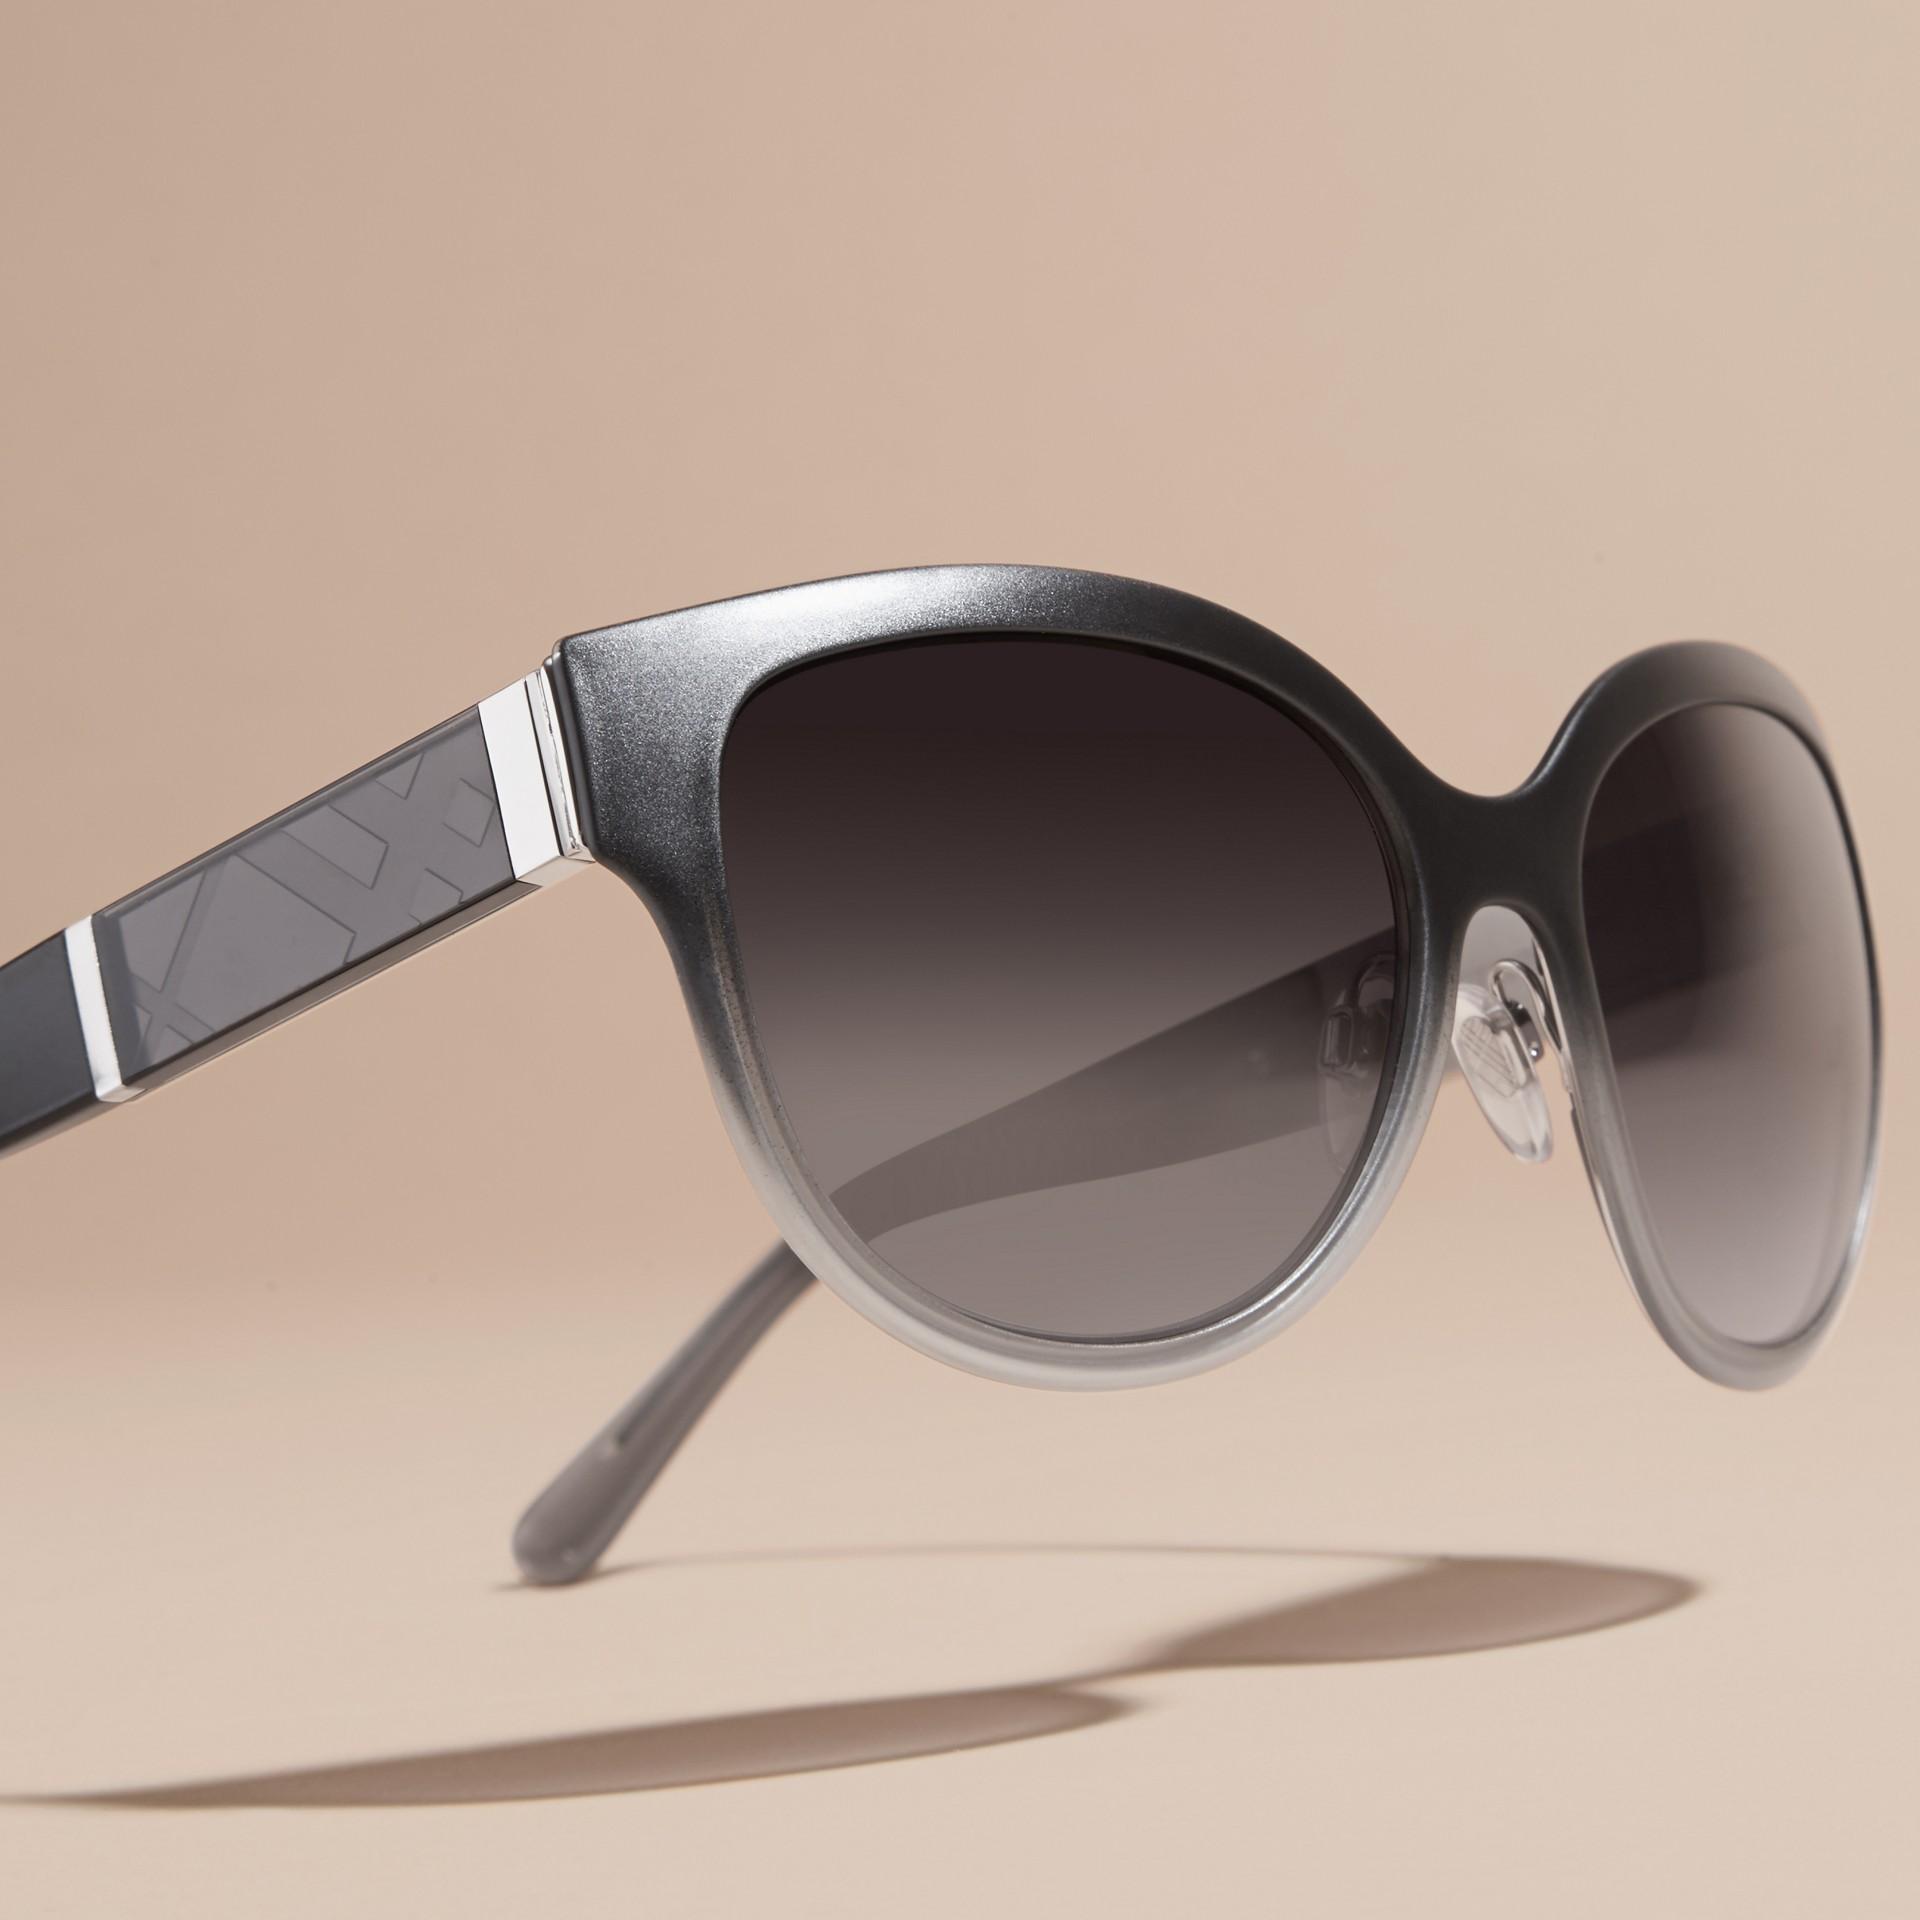 Nero Occhiali da sole con montatura cat-eye tonda e dettaglio check Nero - immagine della galleria 3